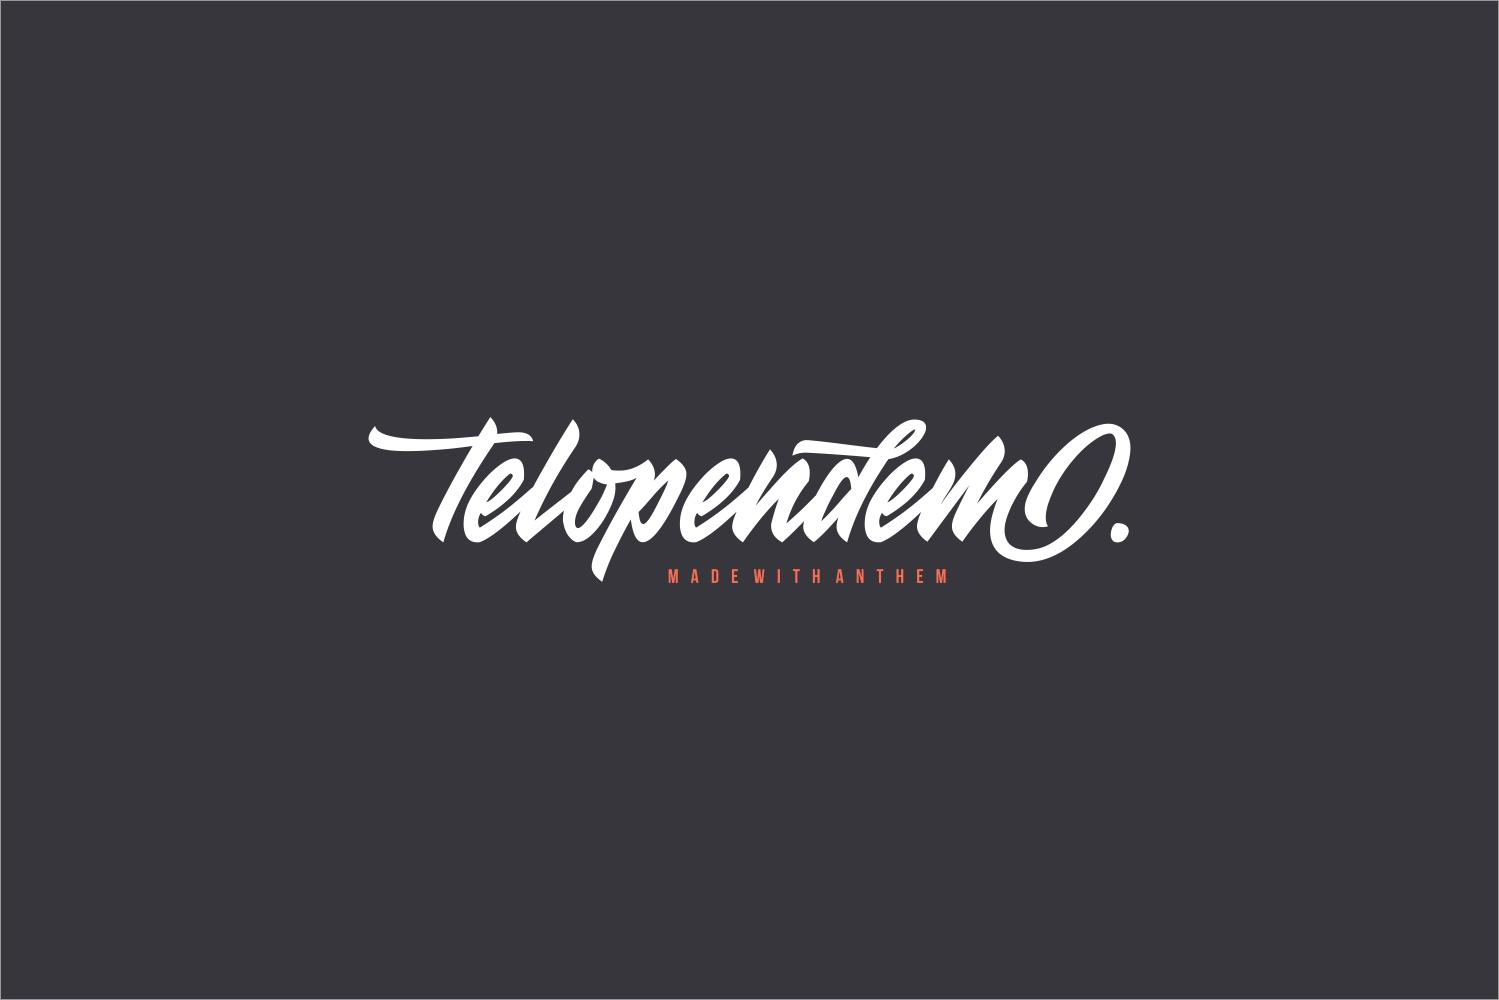 دانلود رایگان فونت Anthem Typeface - فونت پرمیوم و حرفهای